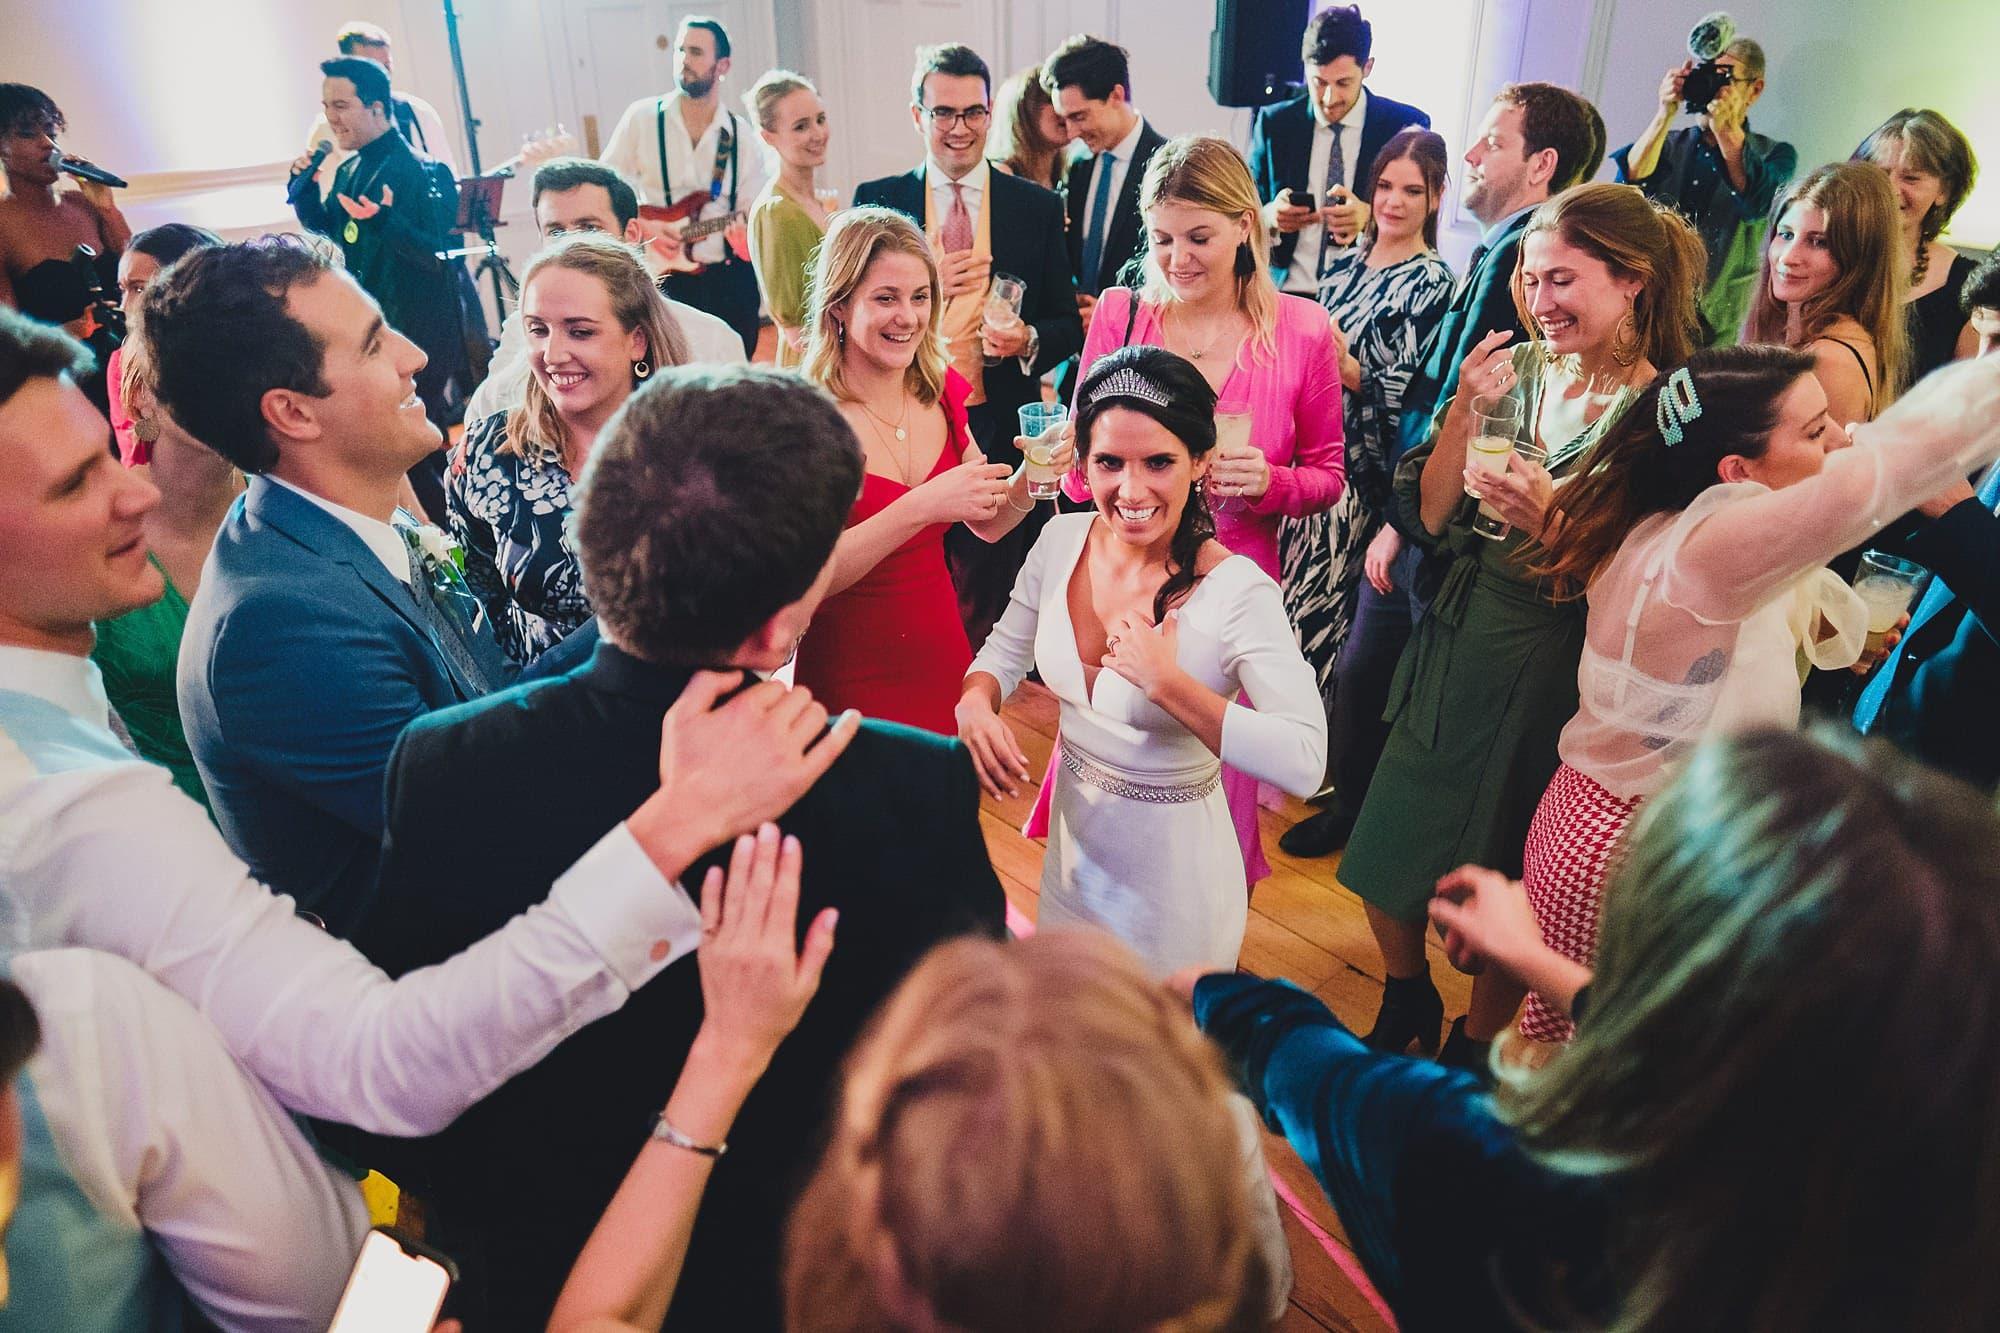 fulham palace wedding photographer ok 102 - Olivia + Kyle